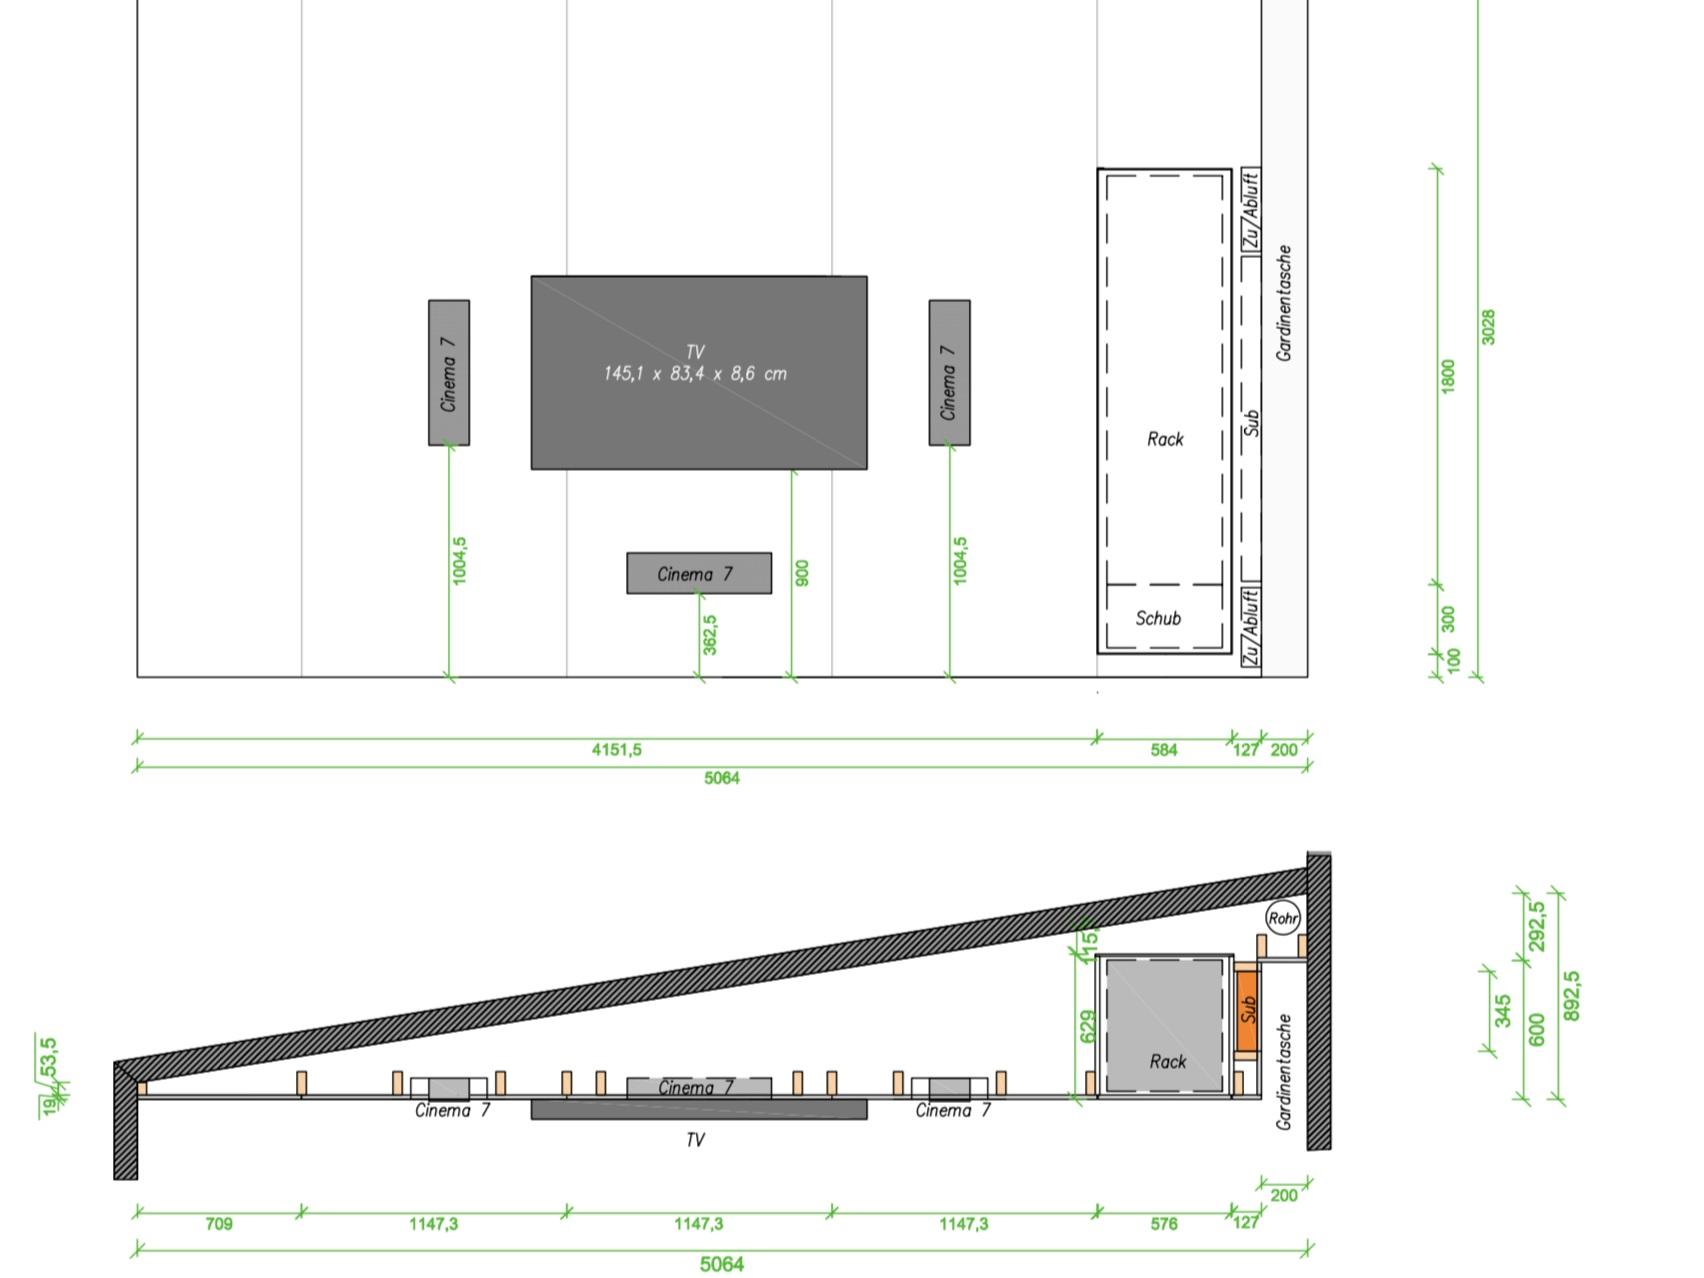 Medien Reck Detail Planung 19 Zoll Schrank.png